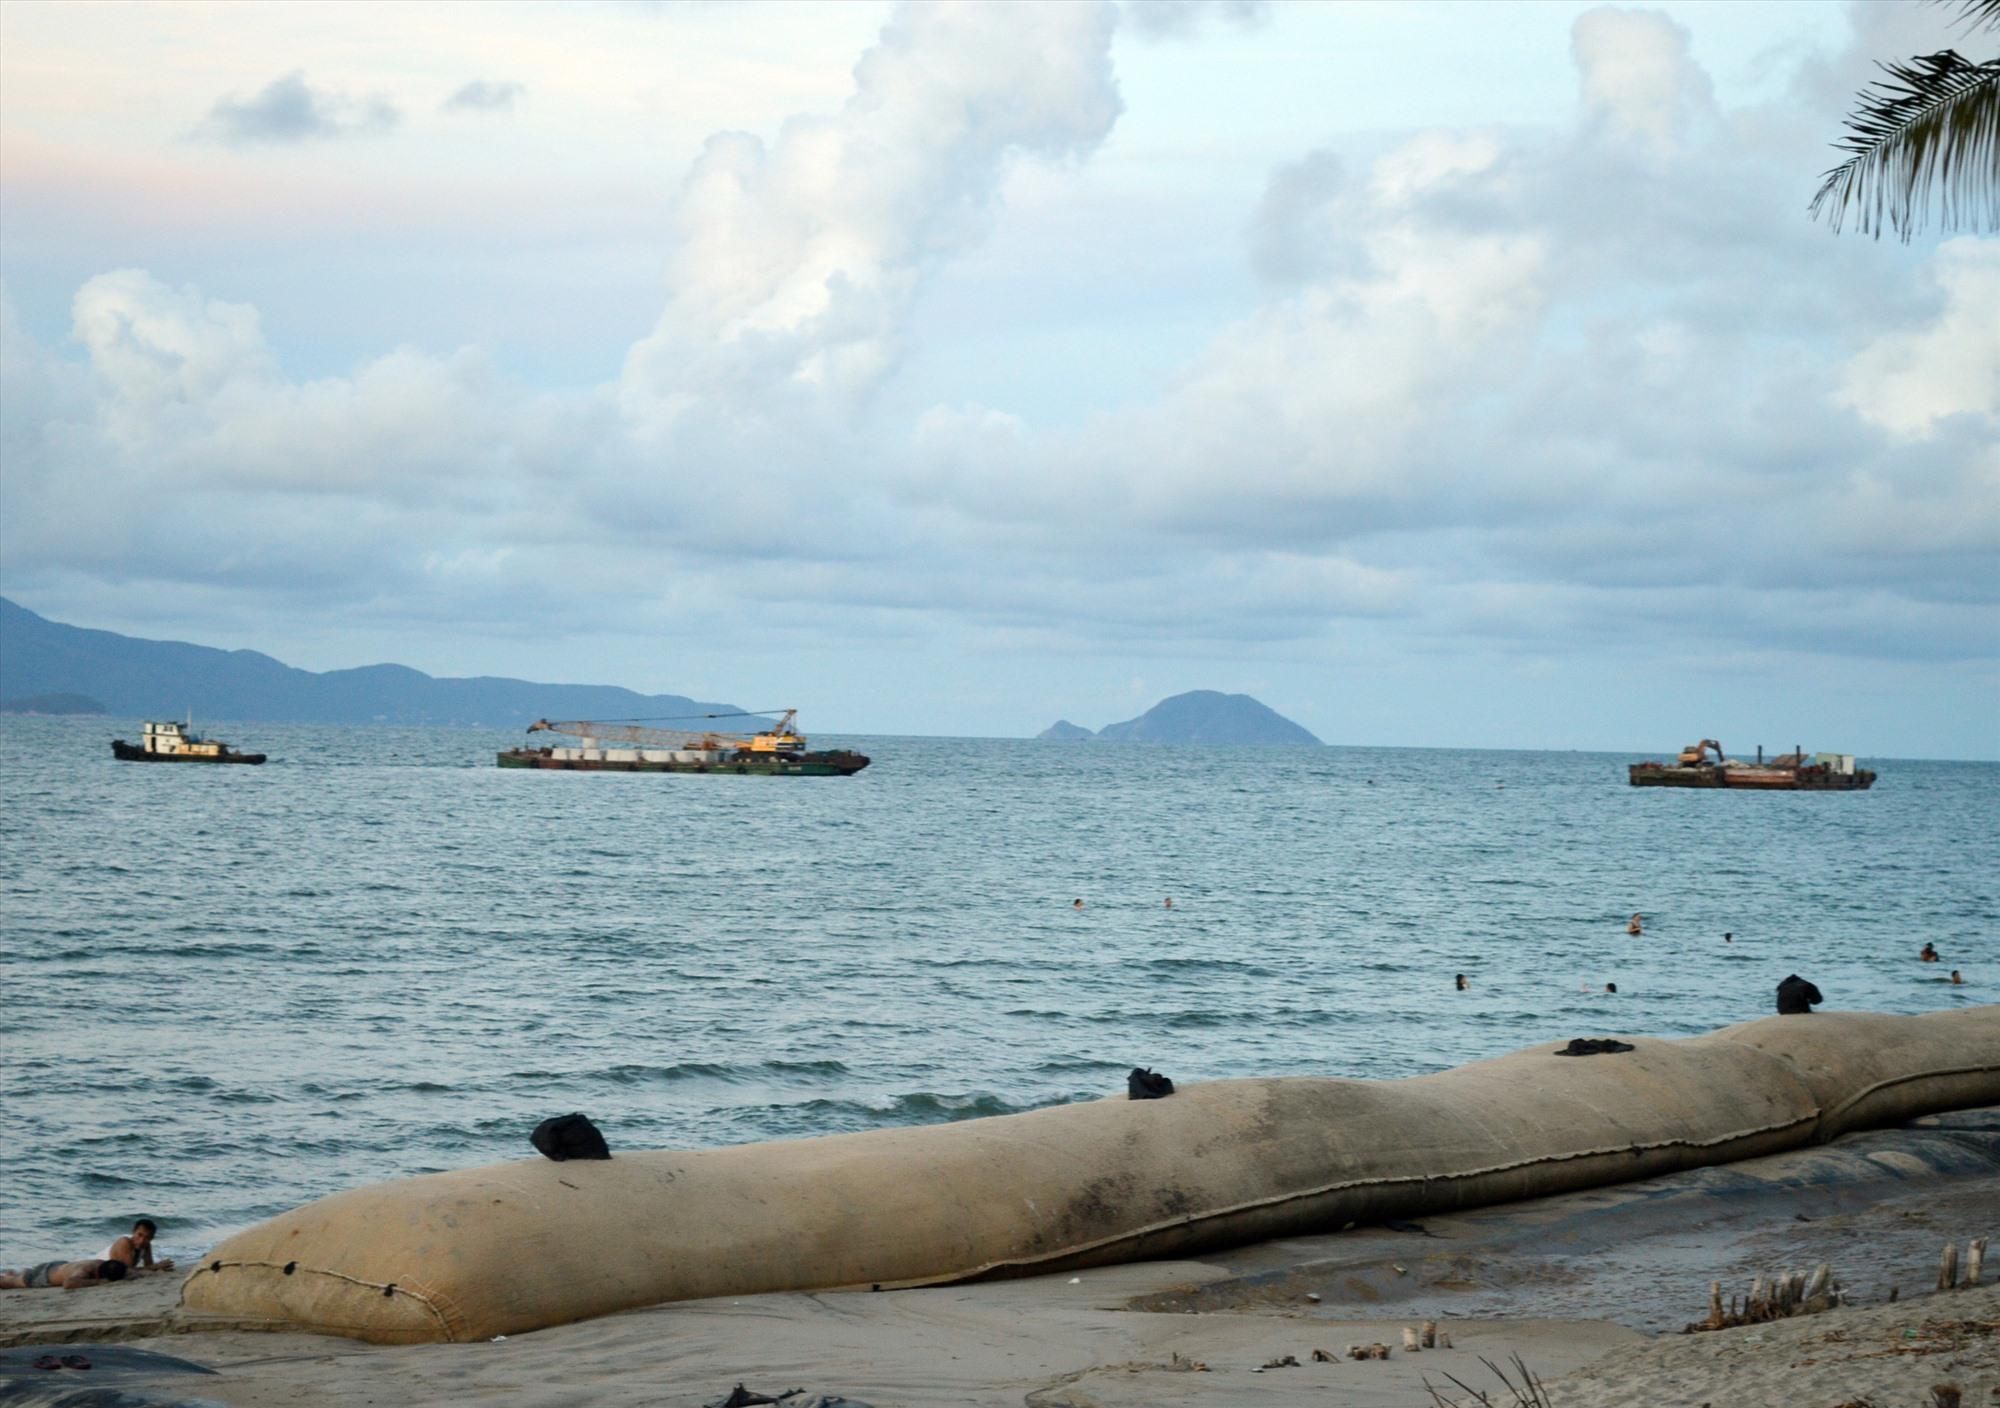 Các xà lan thi công tuyến đê ngầm chắn sóng từ xa nhằm bảo vệ bờ biển Cửa Đại. Ảnh: V.Lộc